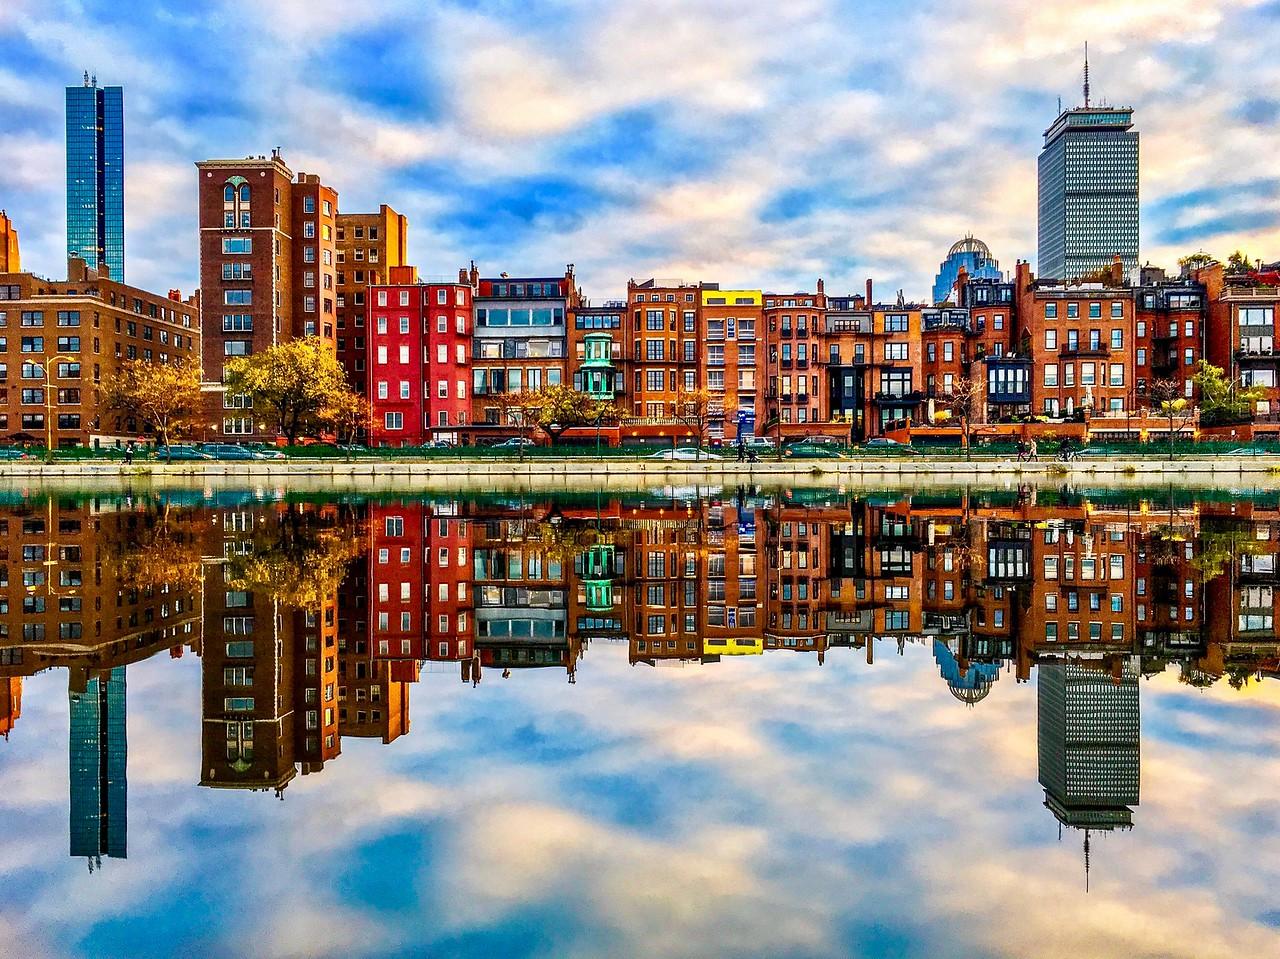 Boston Back Bay Brownstones Reflected in Esplanade Lagoon - 2